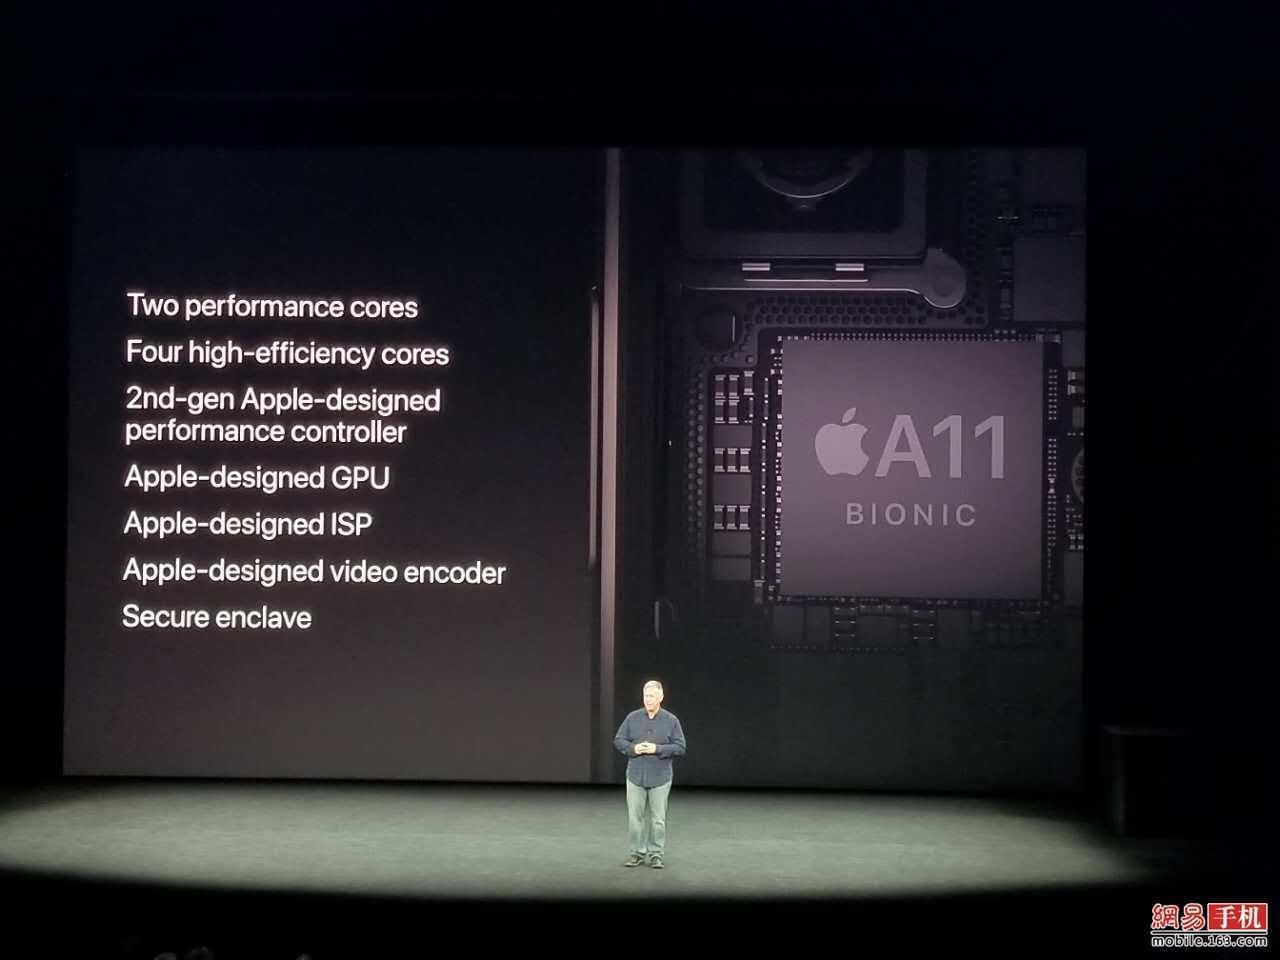 苹果三款全新iPhone搭载A11处理器 性能提升